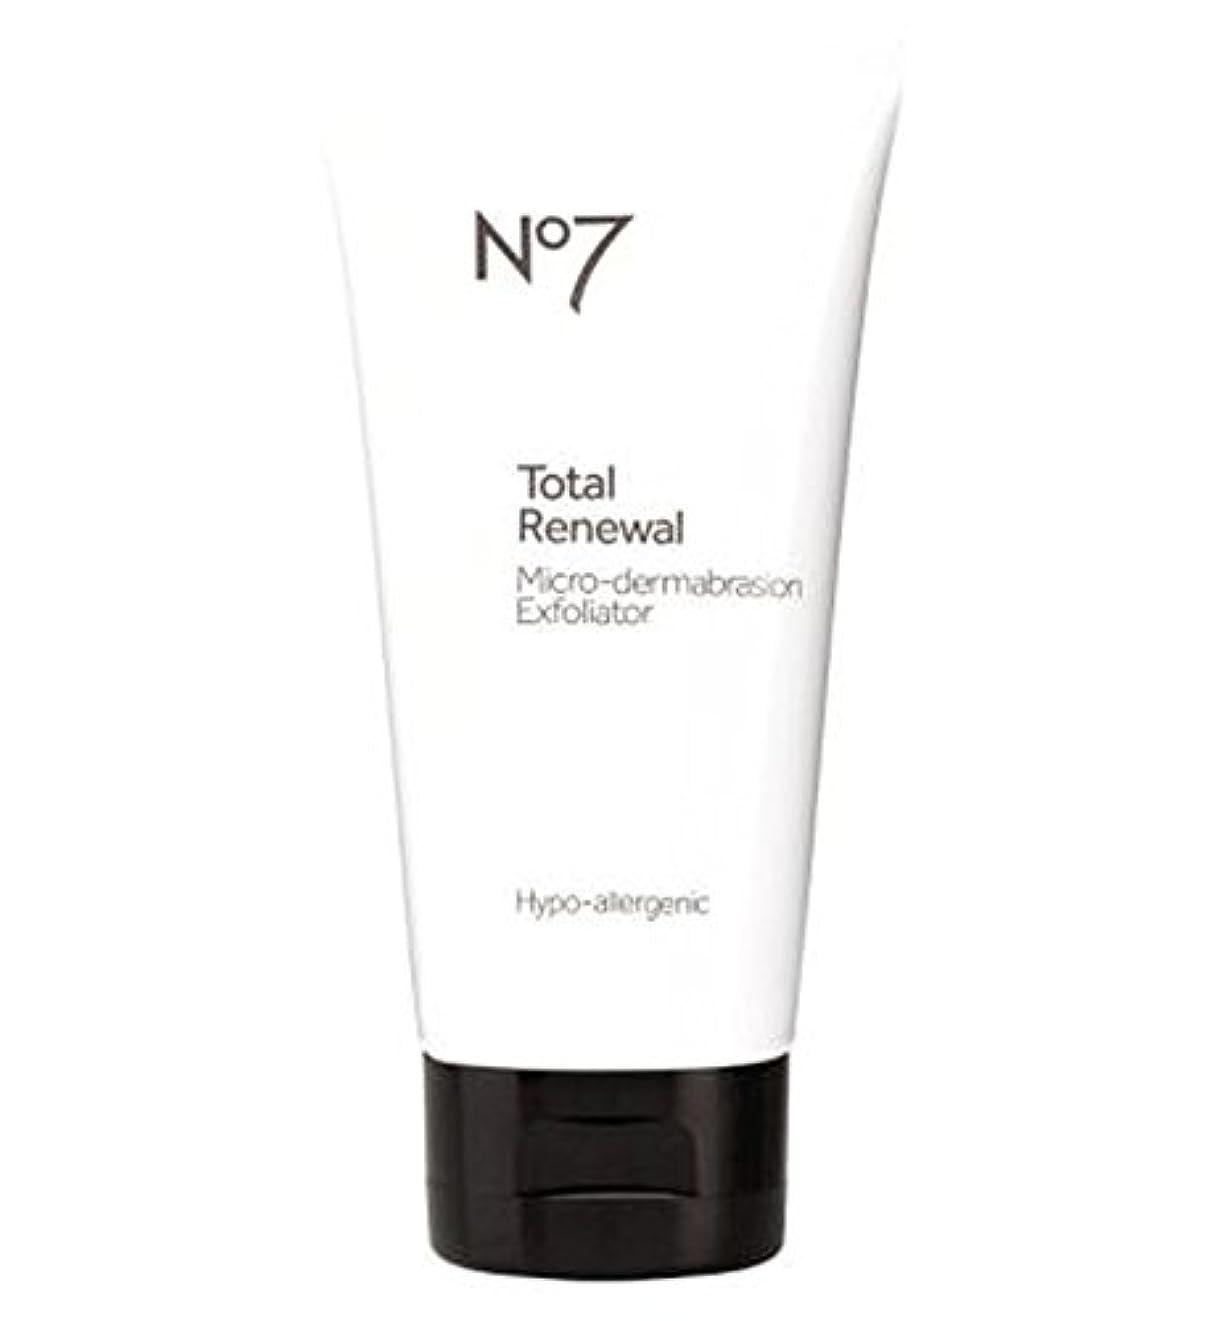 高揚した鎮静剤クリスマスNo7総リニューアルマイクロ皮膚剥離面エクスフォリエーター (No7) (x2) - No7 Total Renewal Micro-dermabrasion Face Exfoliator (Pack of 2) [並行輸入品]